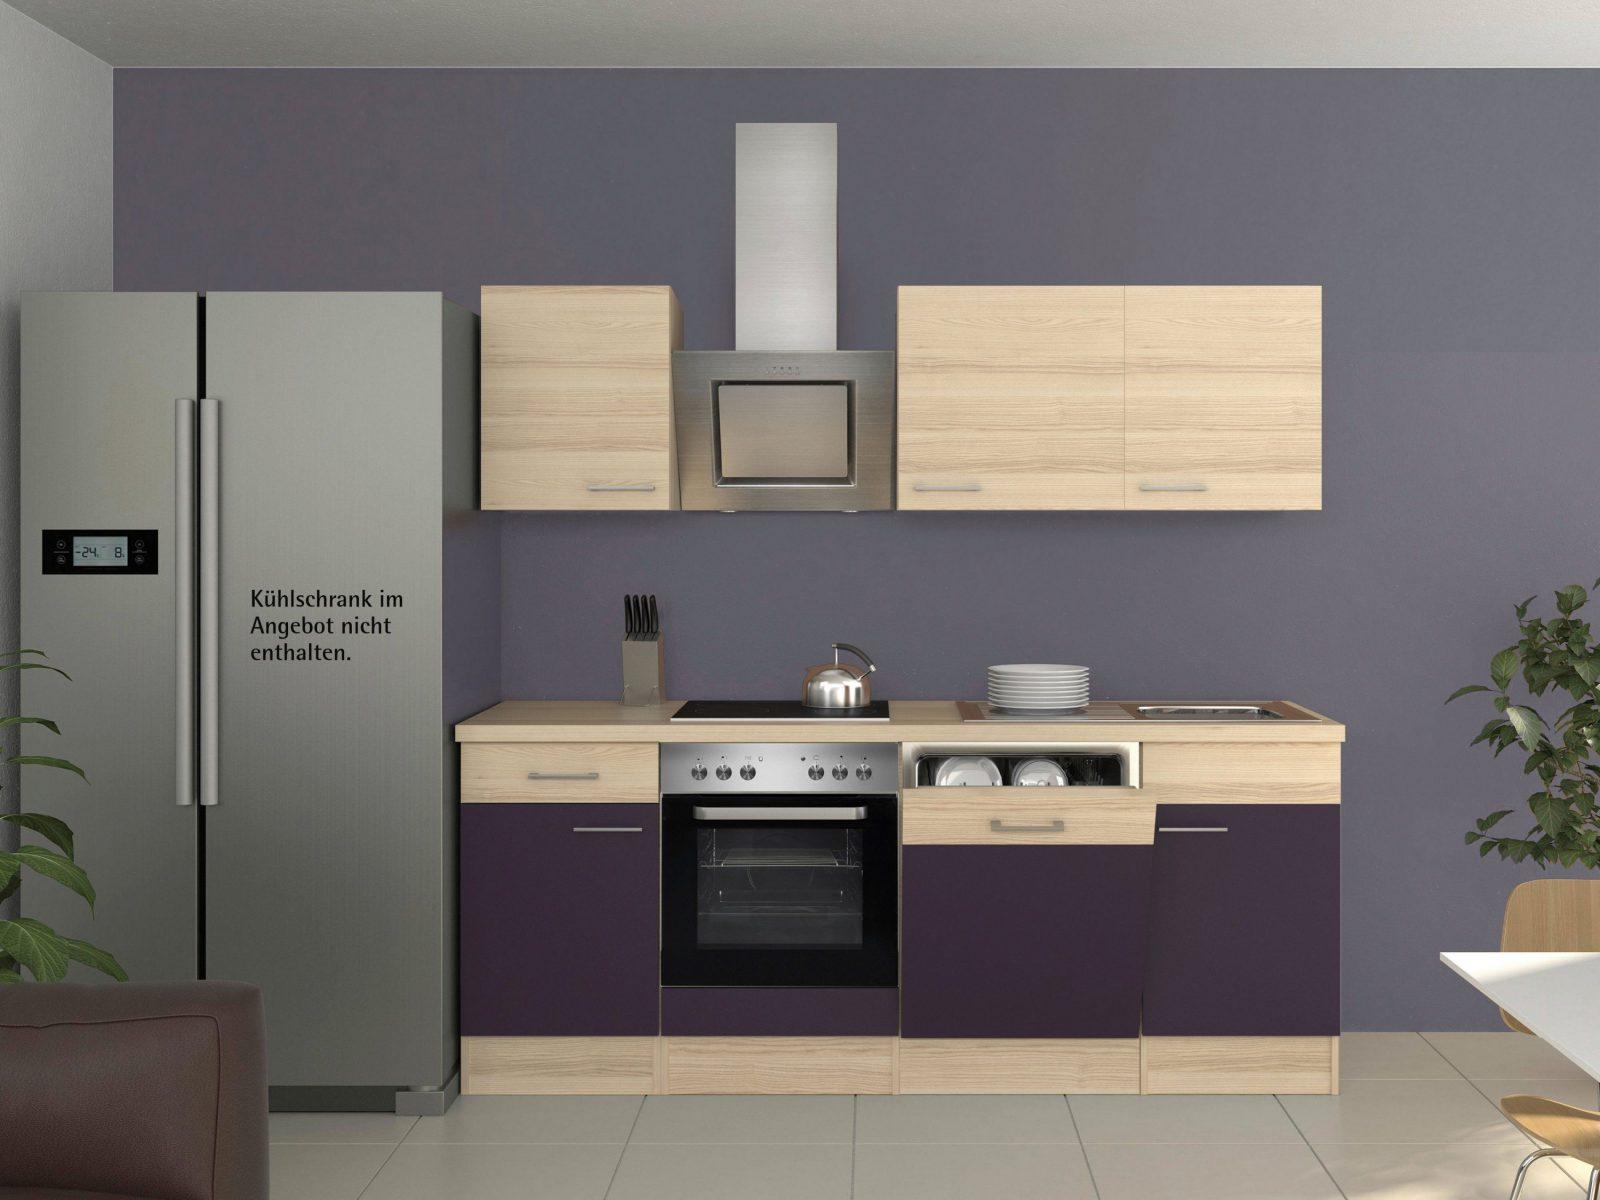 Küchenzeile 220 Cm Mit Elektrogeräten  Uruenavilladellibro von Küchenzeile 220 Cm Mit Kühlschrank Bild